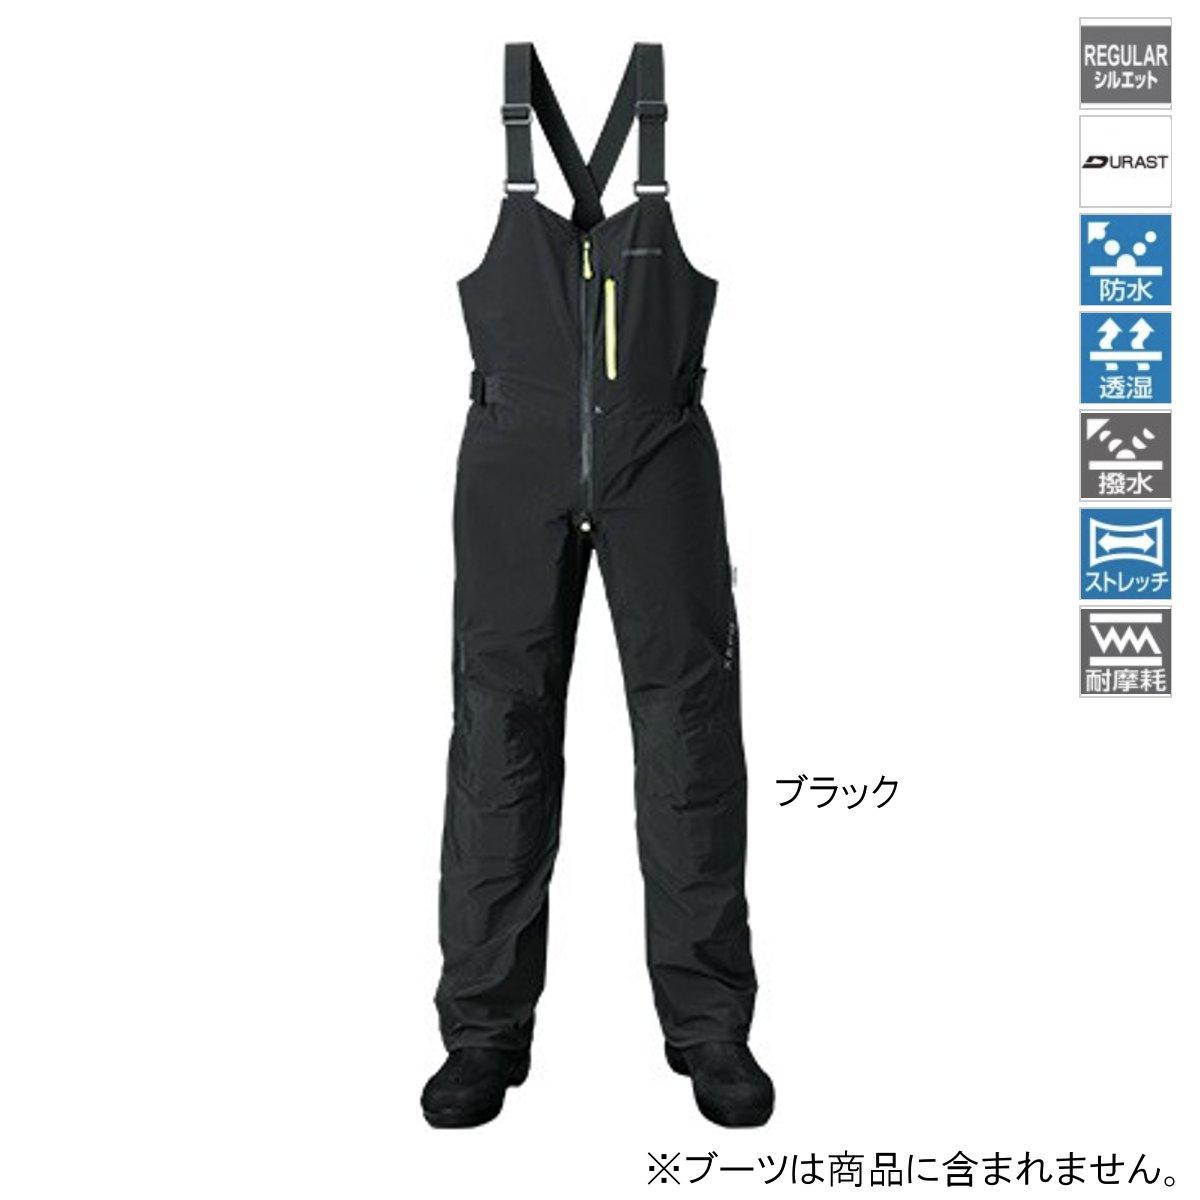 シマノ XEFO DURASTレインビブ RA-26PS XL ブラック